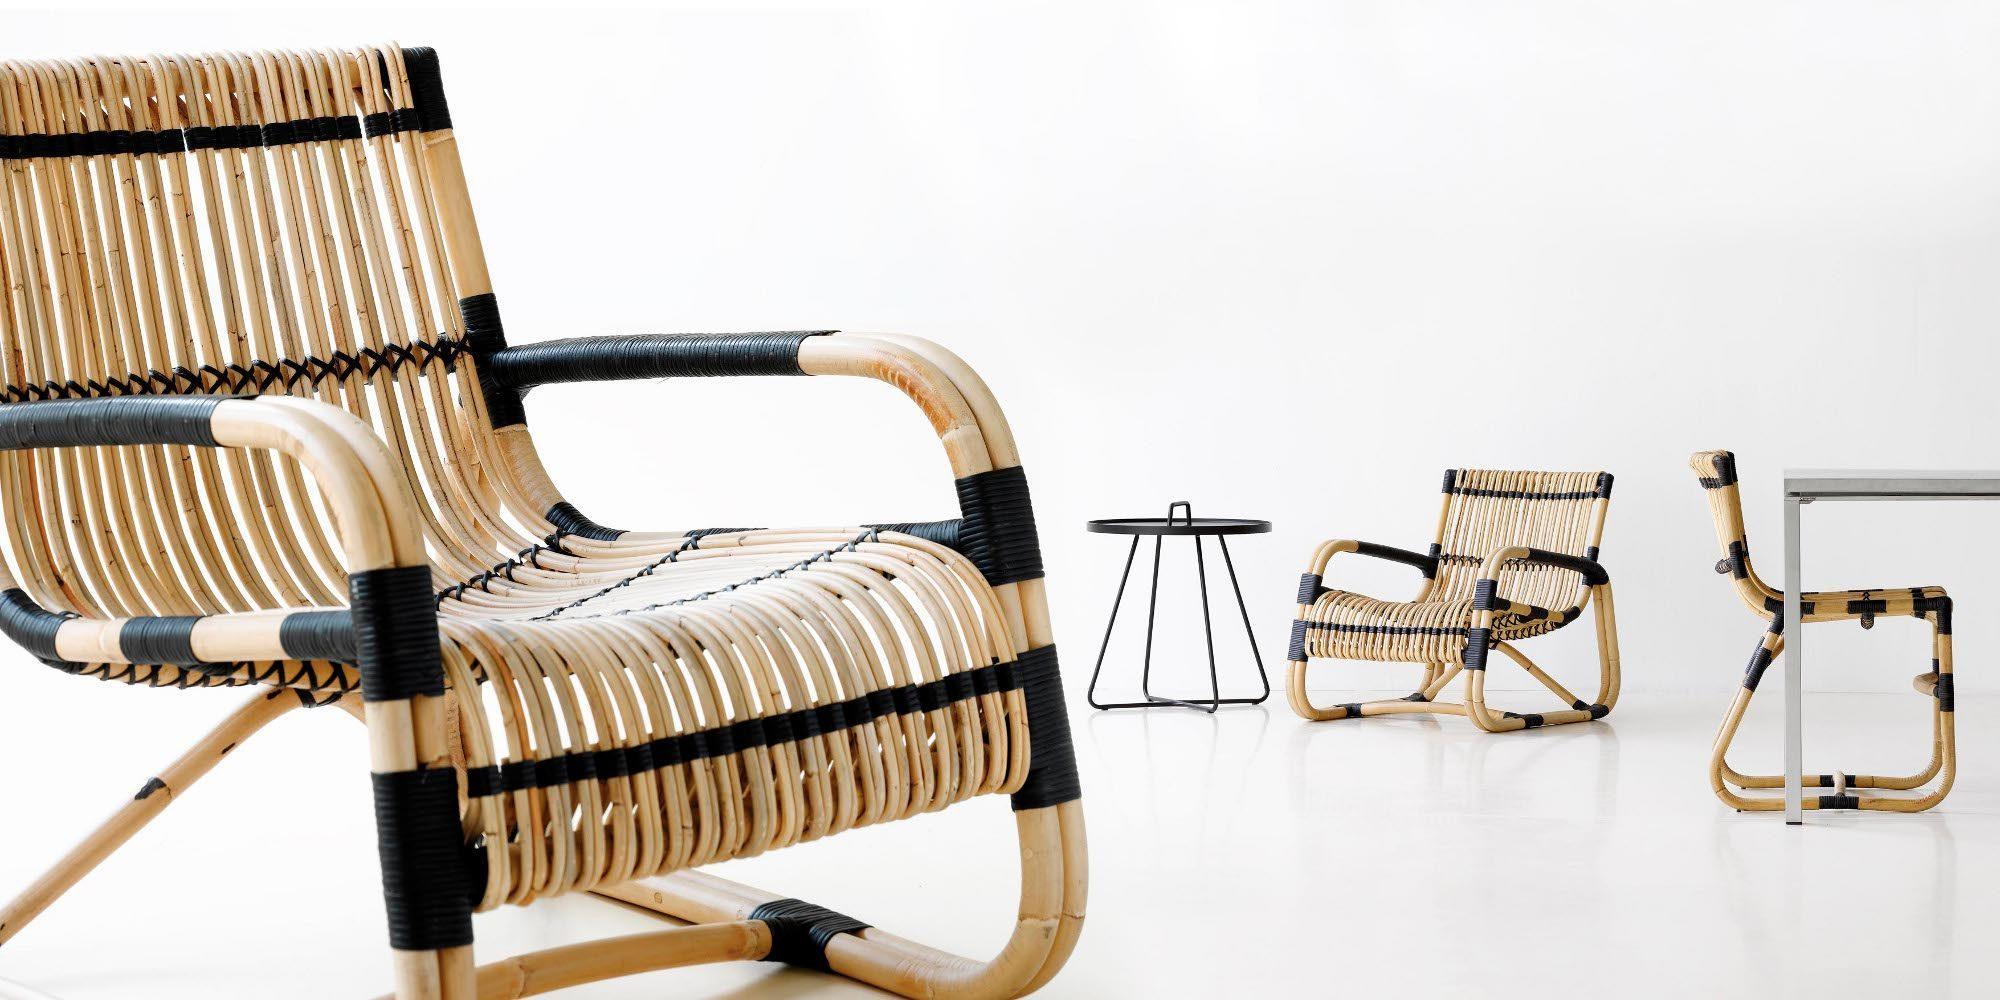 Curve fåtöljer och stolar med vit bakgrund.